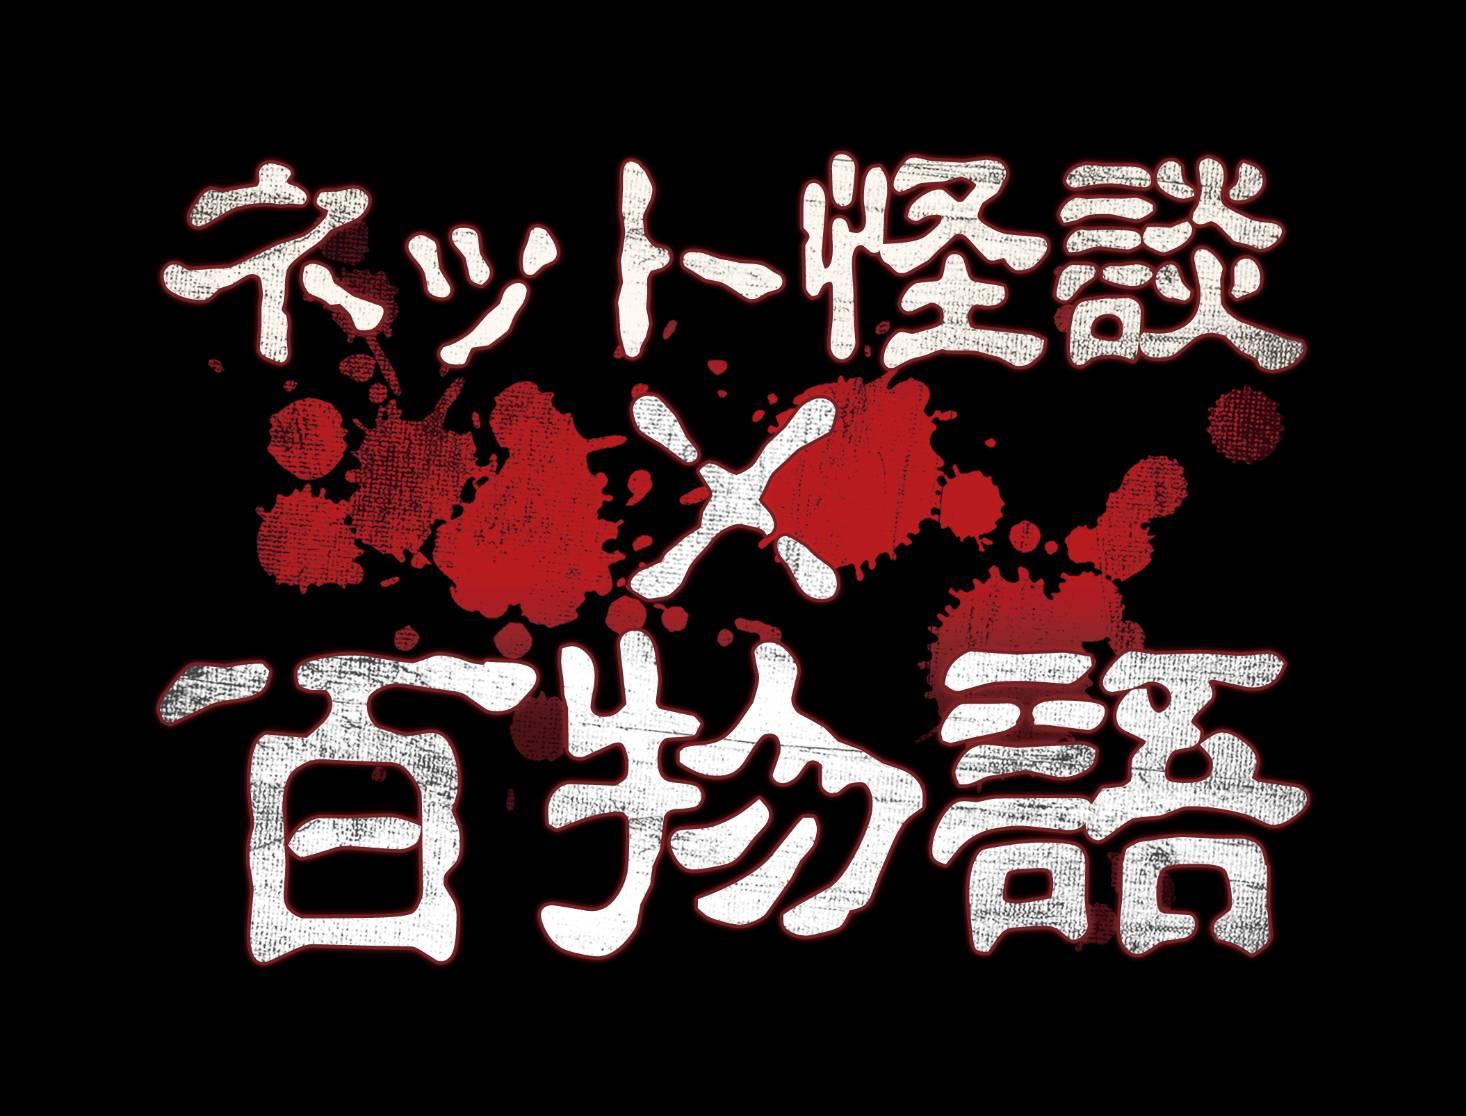 大崎捺希主演『ネット怪談×百物語』シーズン6 新キャストに川本紗矢、片山陽加、田名部生来ら イメージ画像